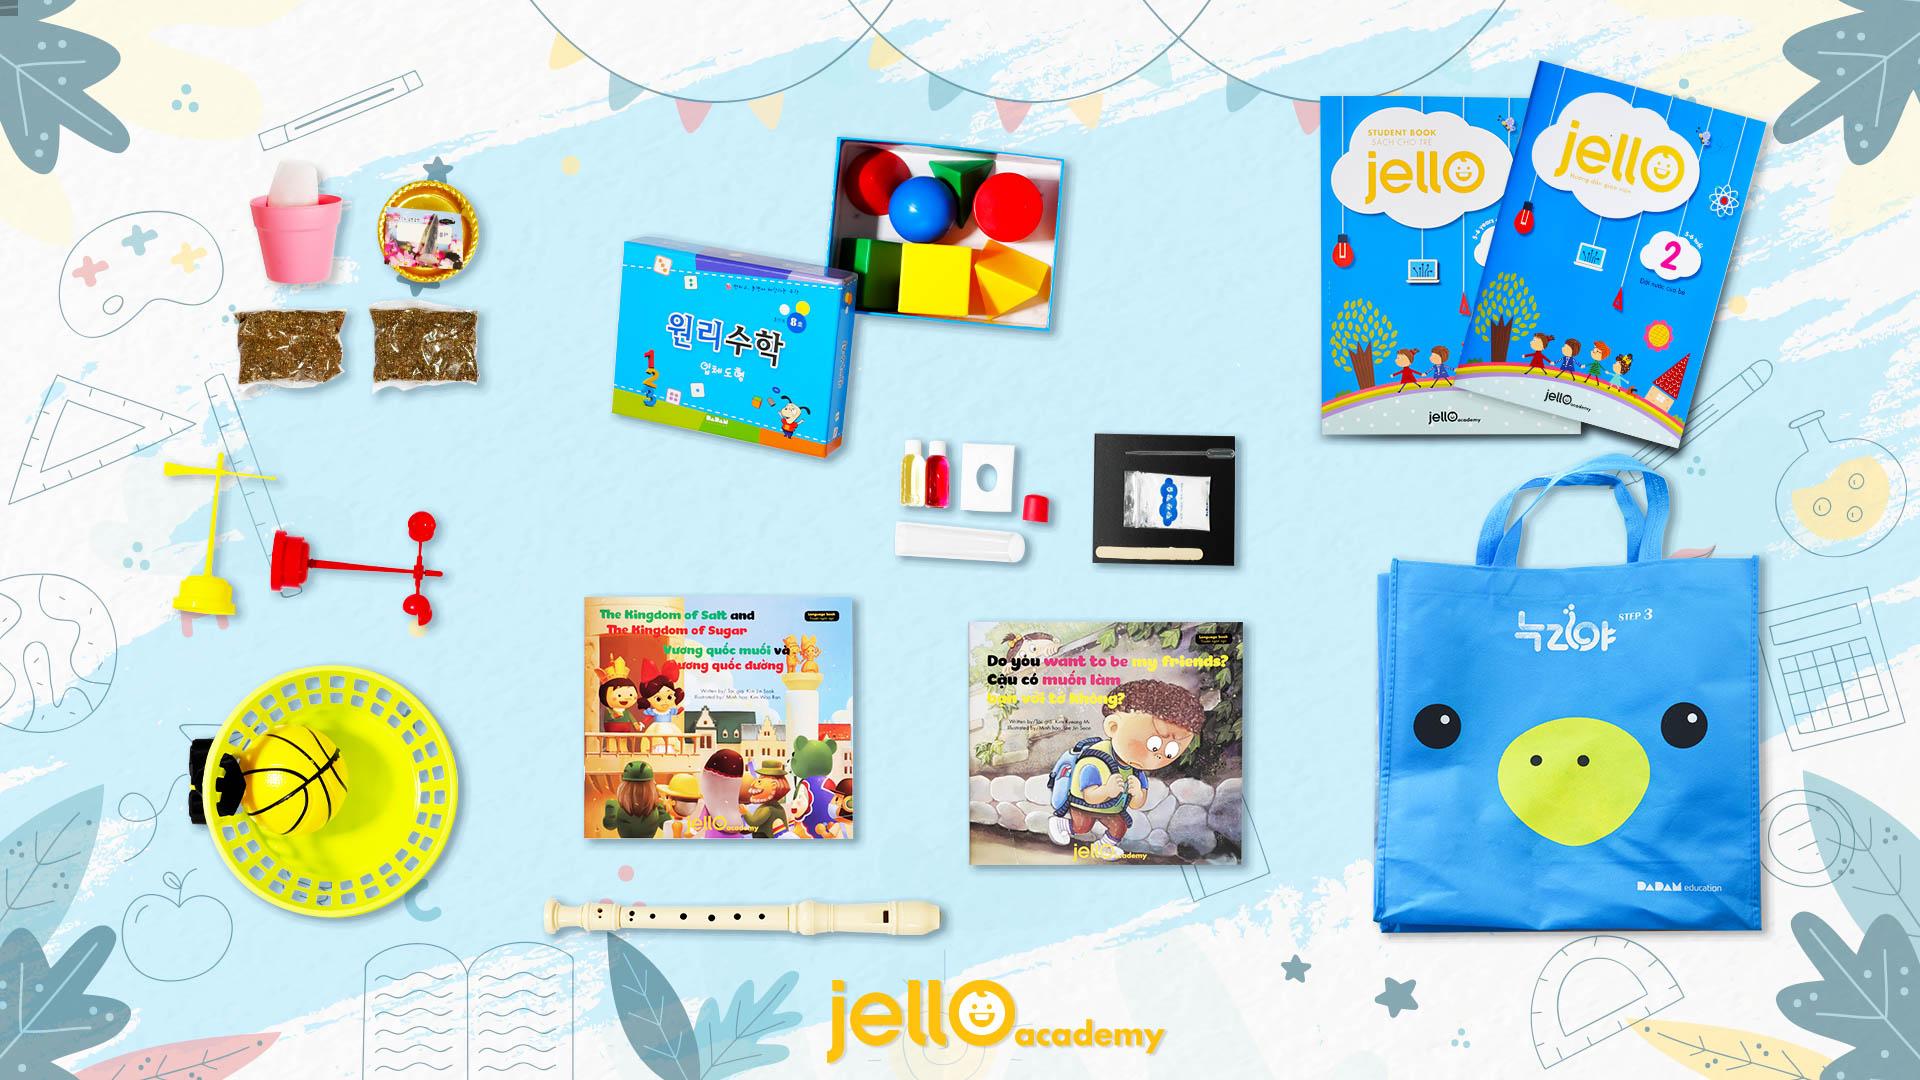 Bộ học cụ Jello - 5 Tuổi - Tháng 02